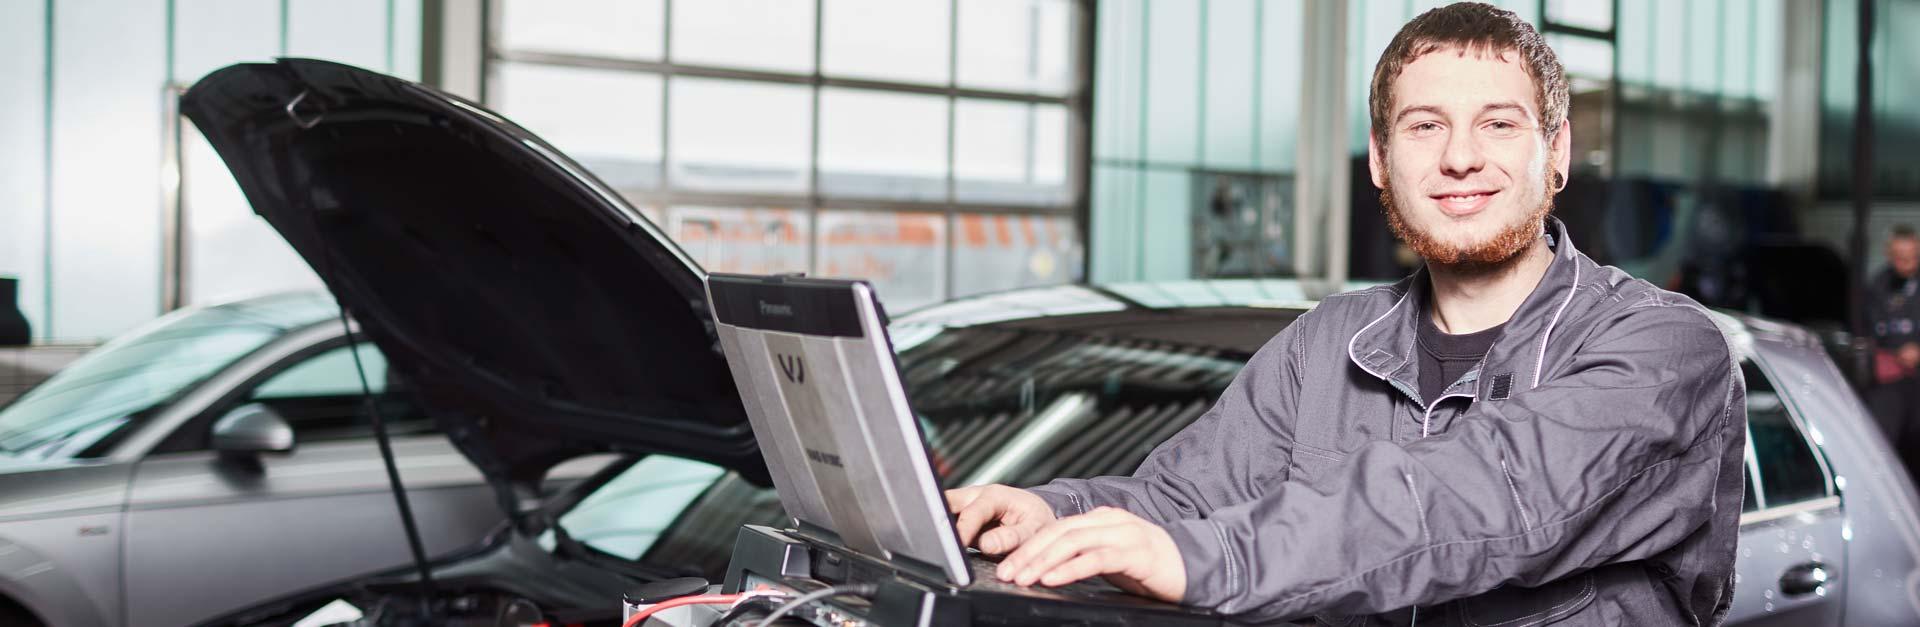 autohaus-steinhoff-service_software_slider